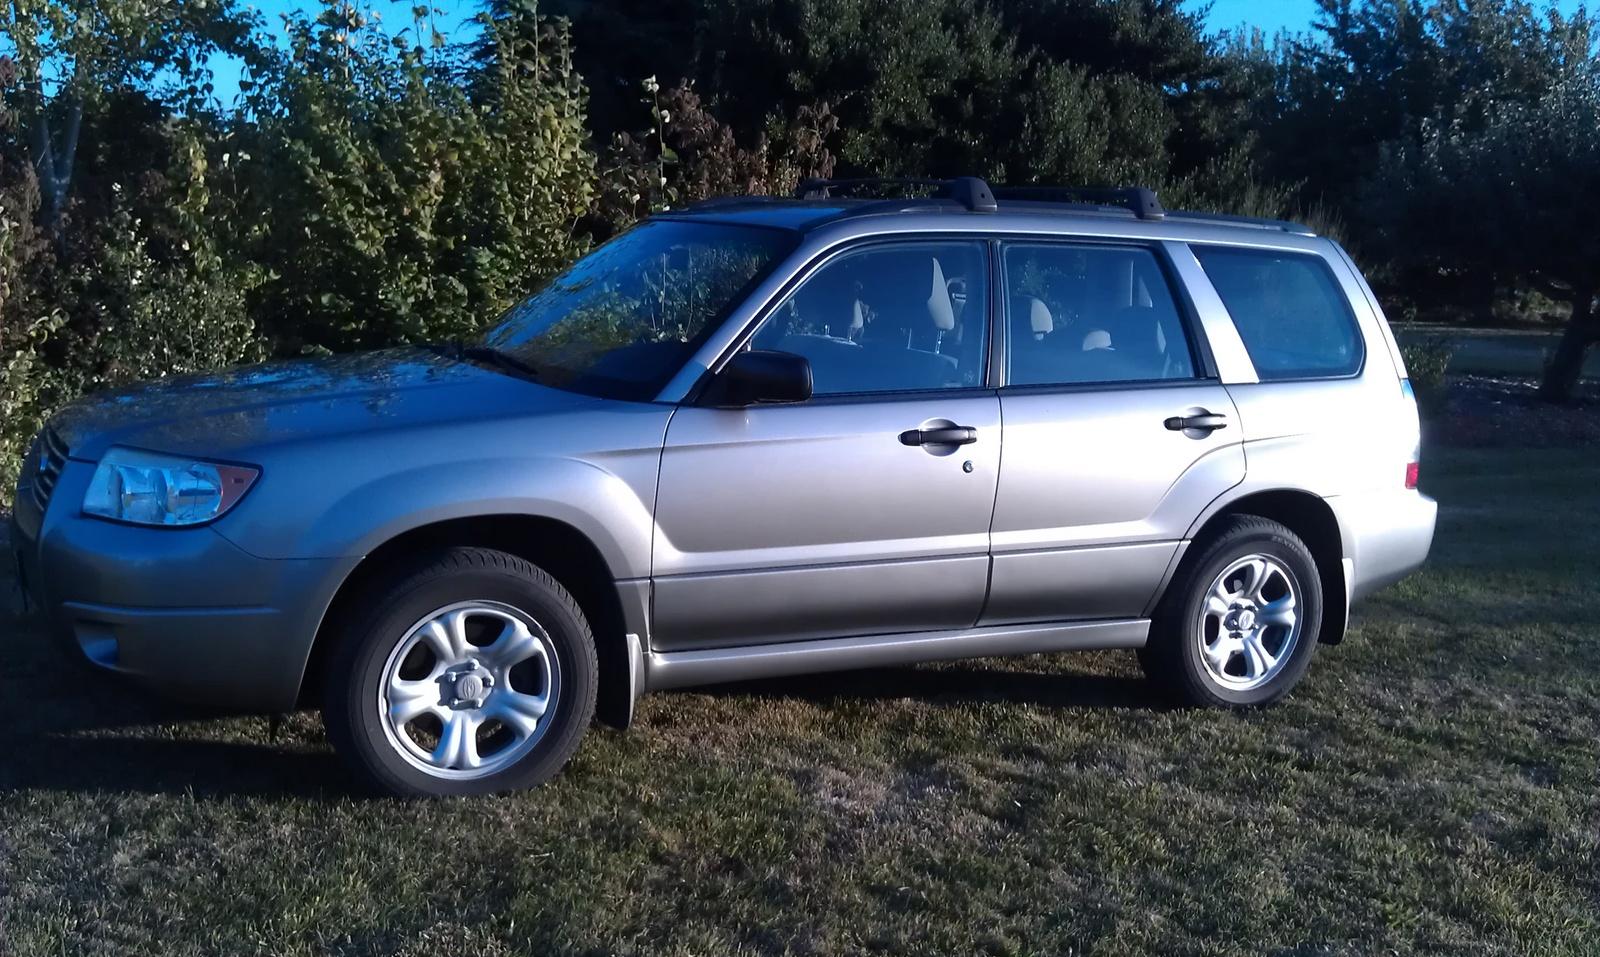 2007 Subaru Forester Pictures Cargurus